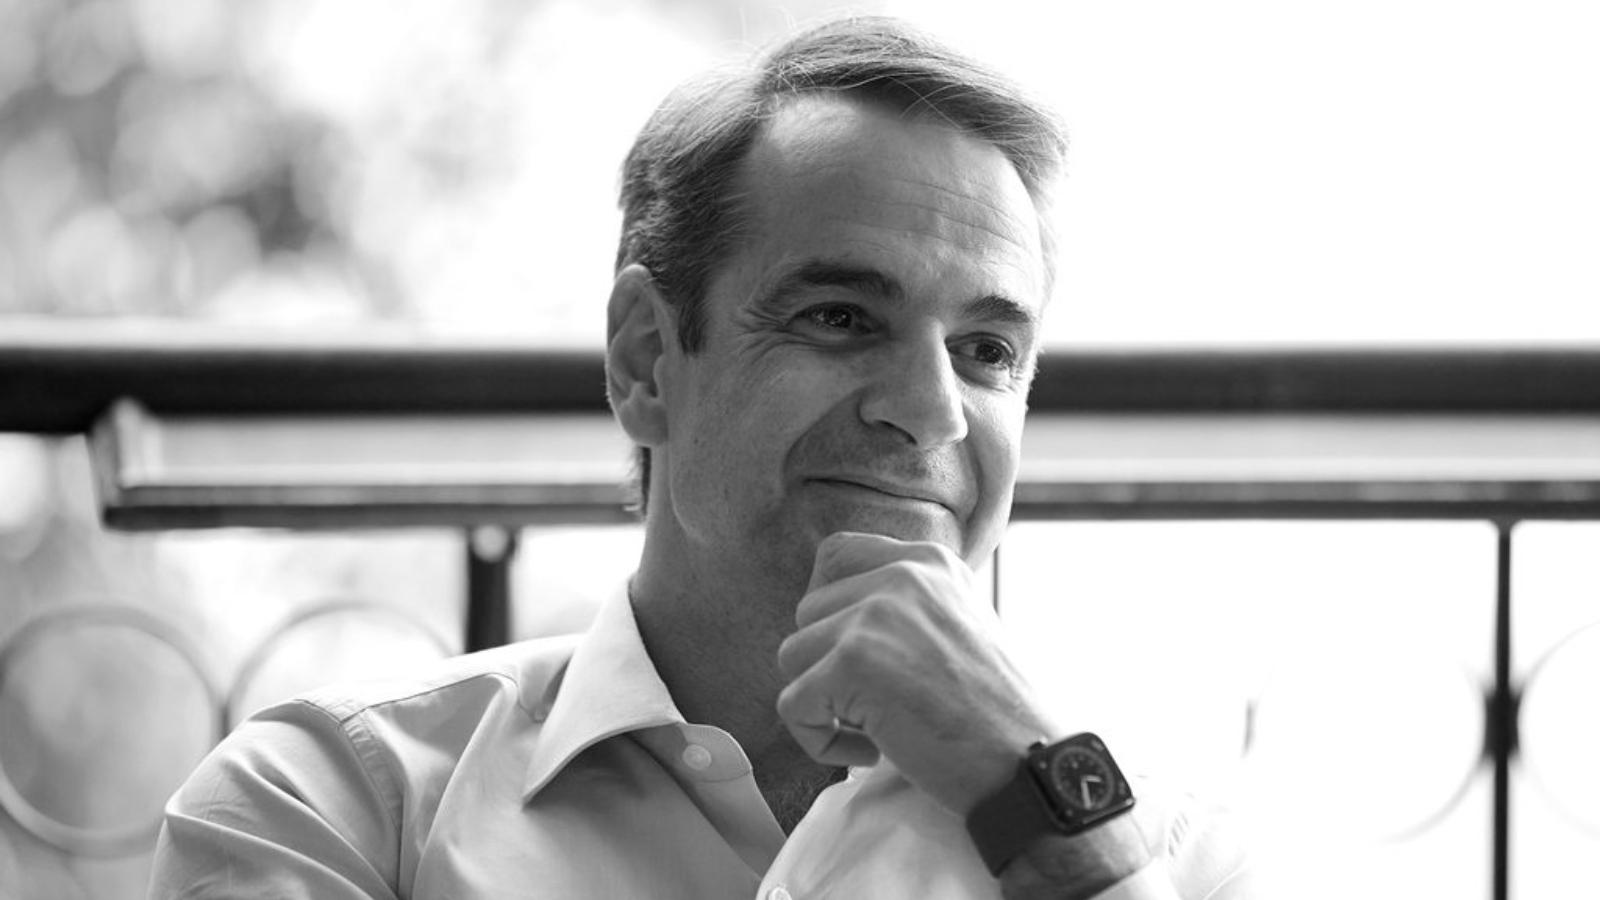 Σάλος με το efood: Εργασιακός «Μεσαίωνας» από τους συνεταίρους του πρωθυπουργικού ζεύγους